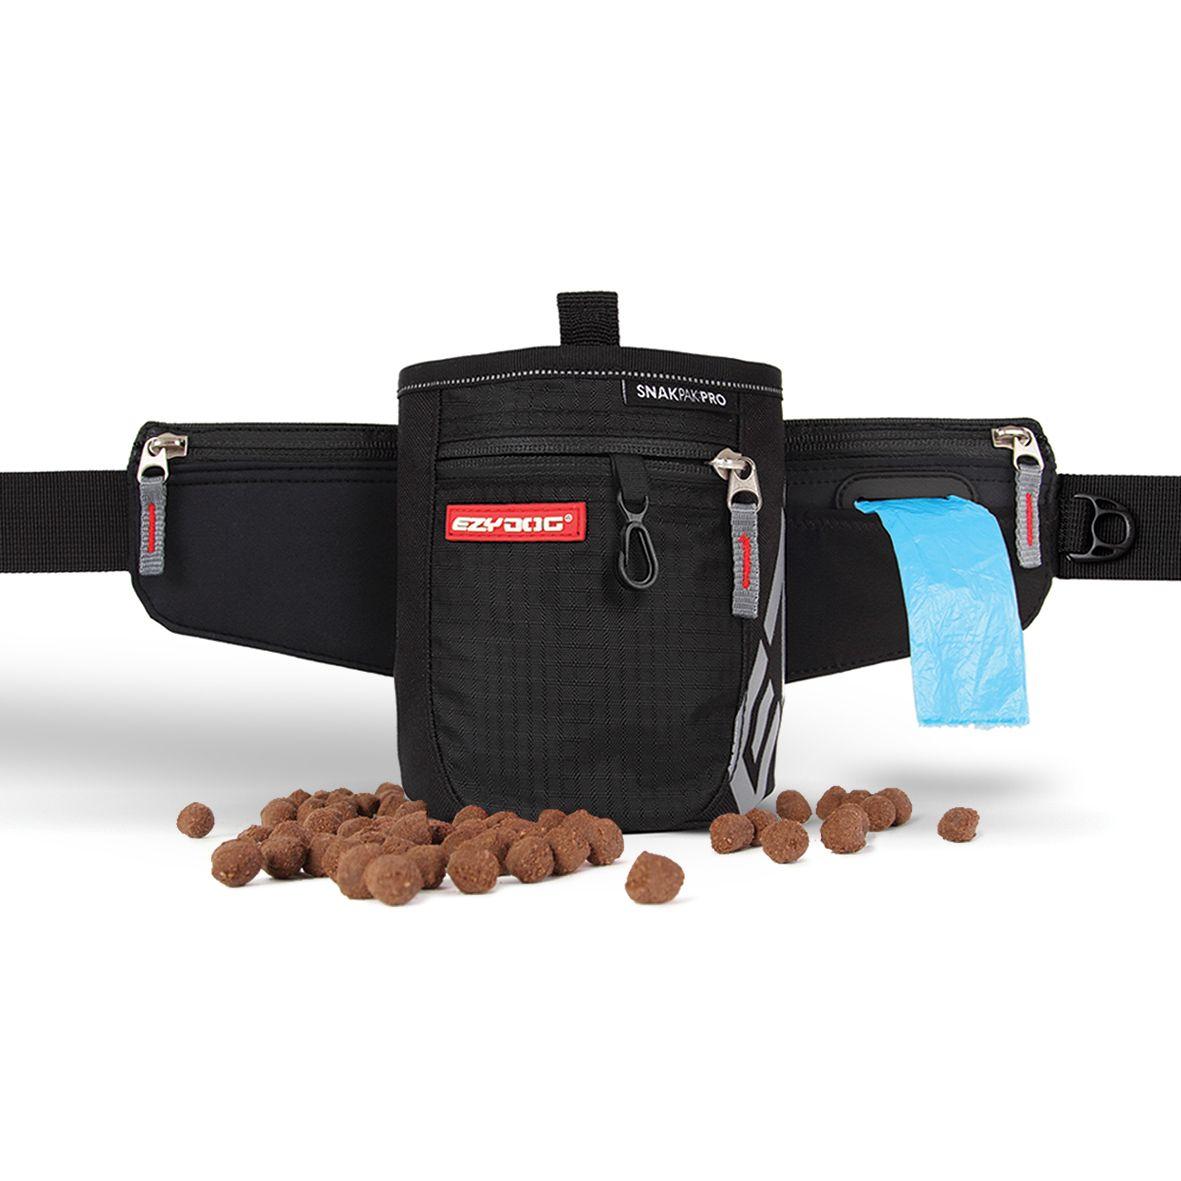 Snakpak Pro Dog Treat Bag Waist Strap Waterproof Lined Treat